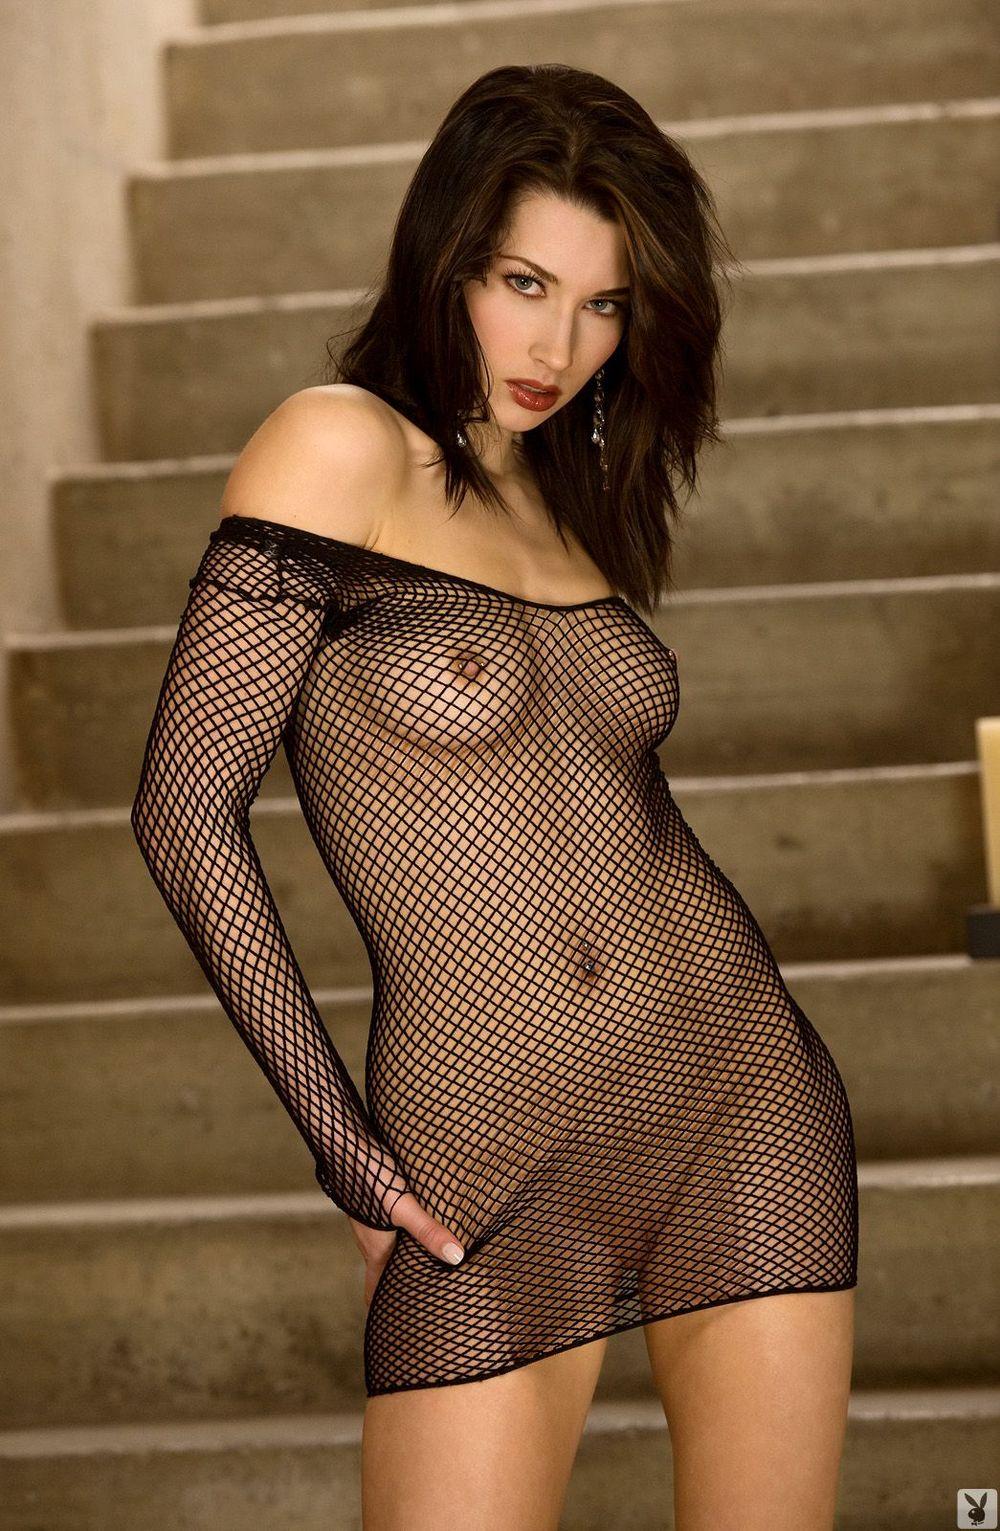 похотливые сучки в просвечивающей одежде девушки косичками обожают